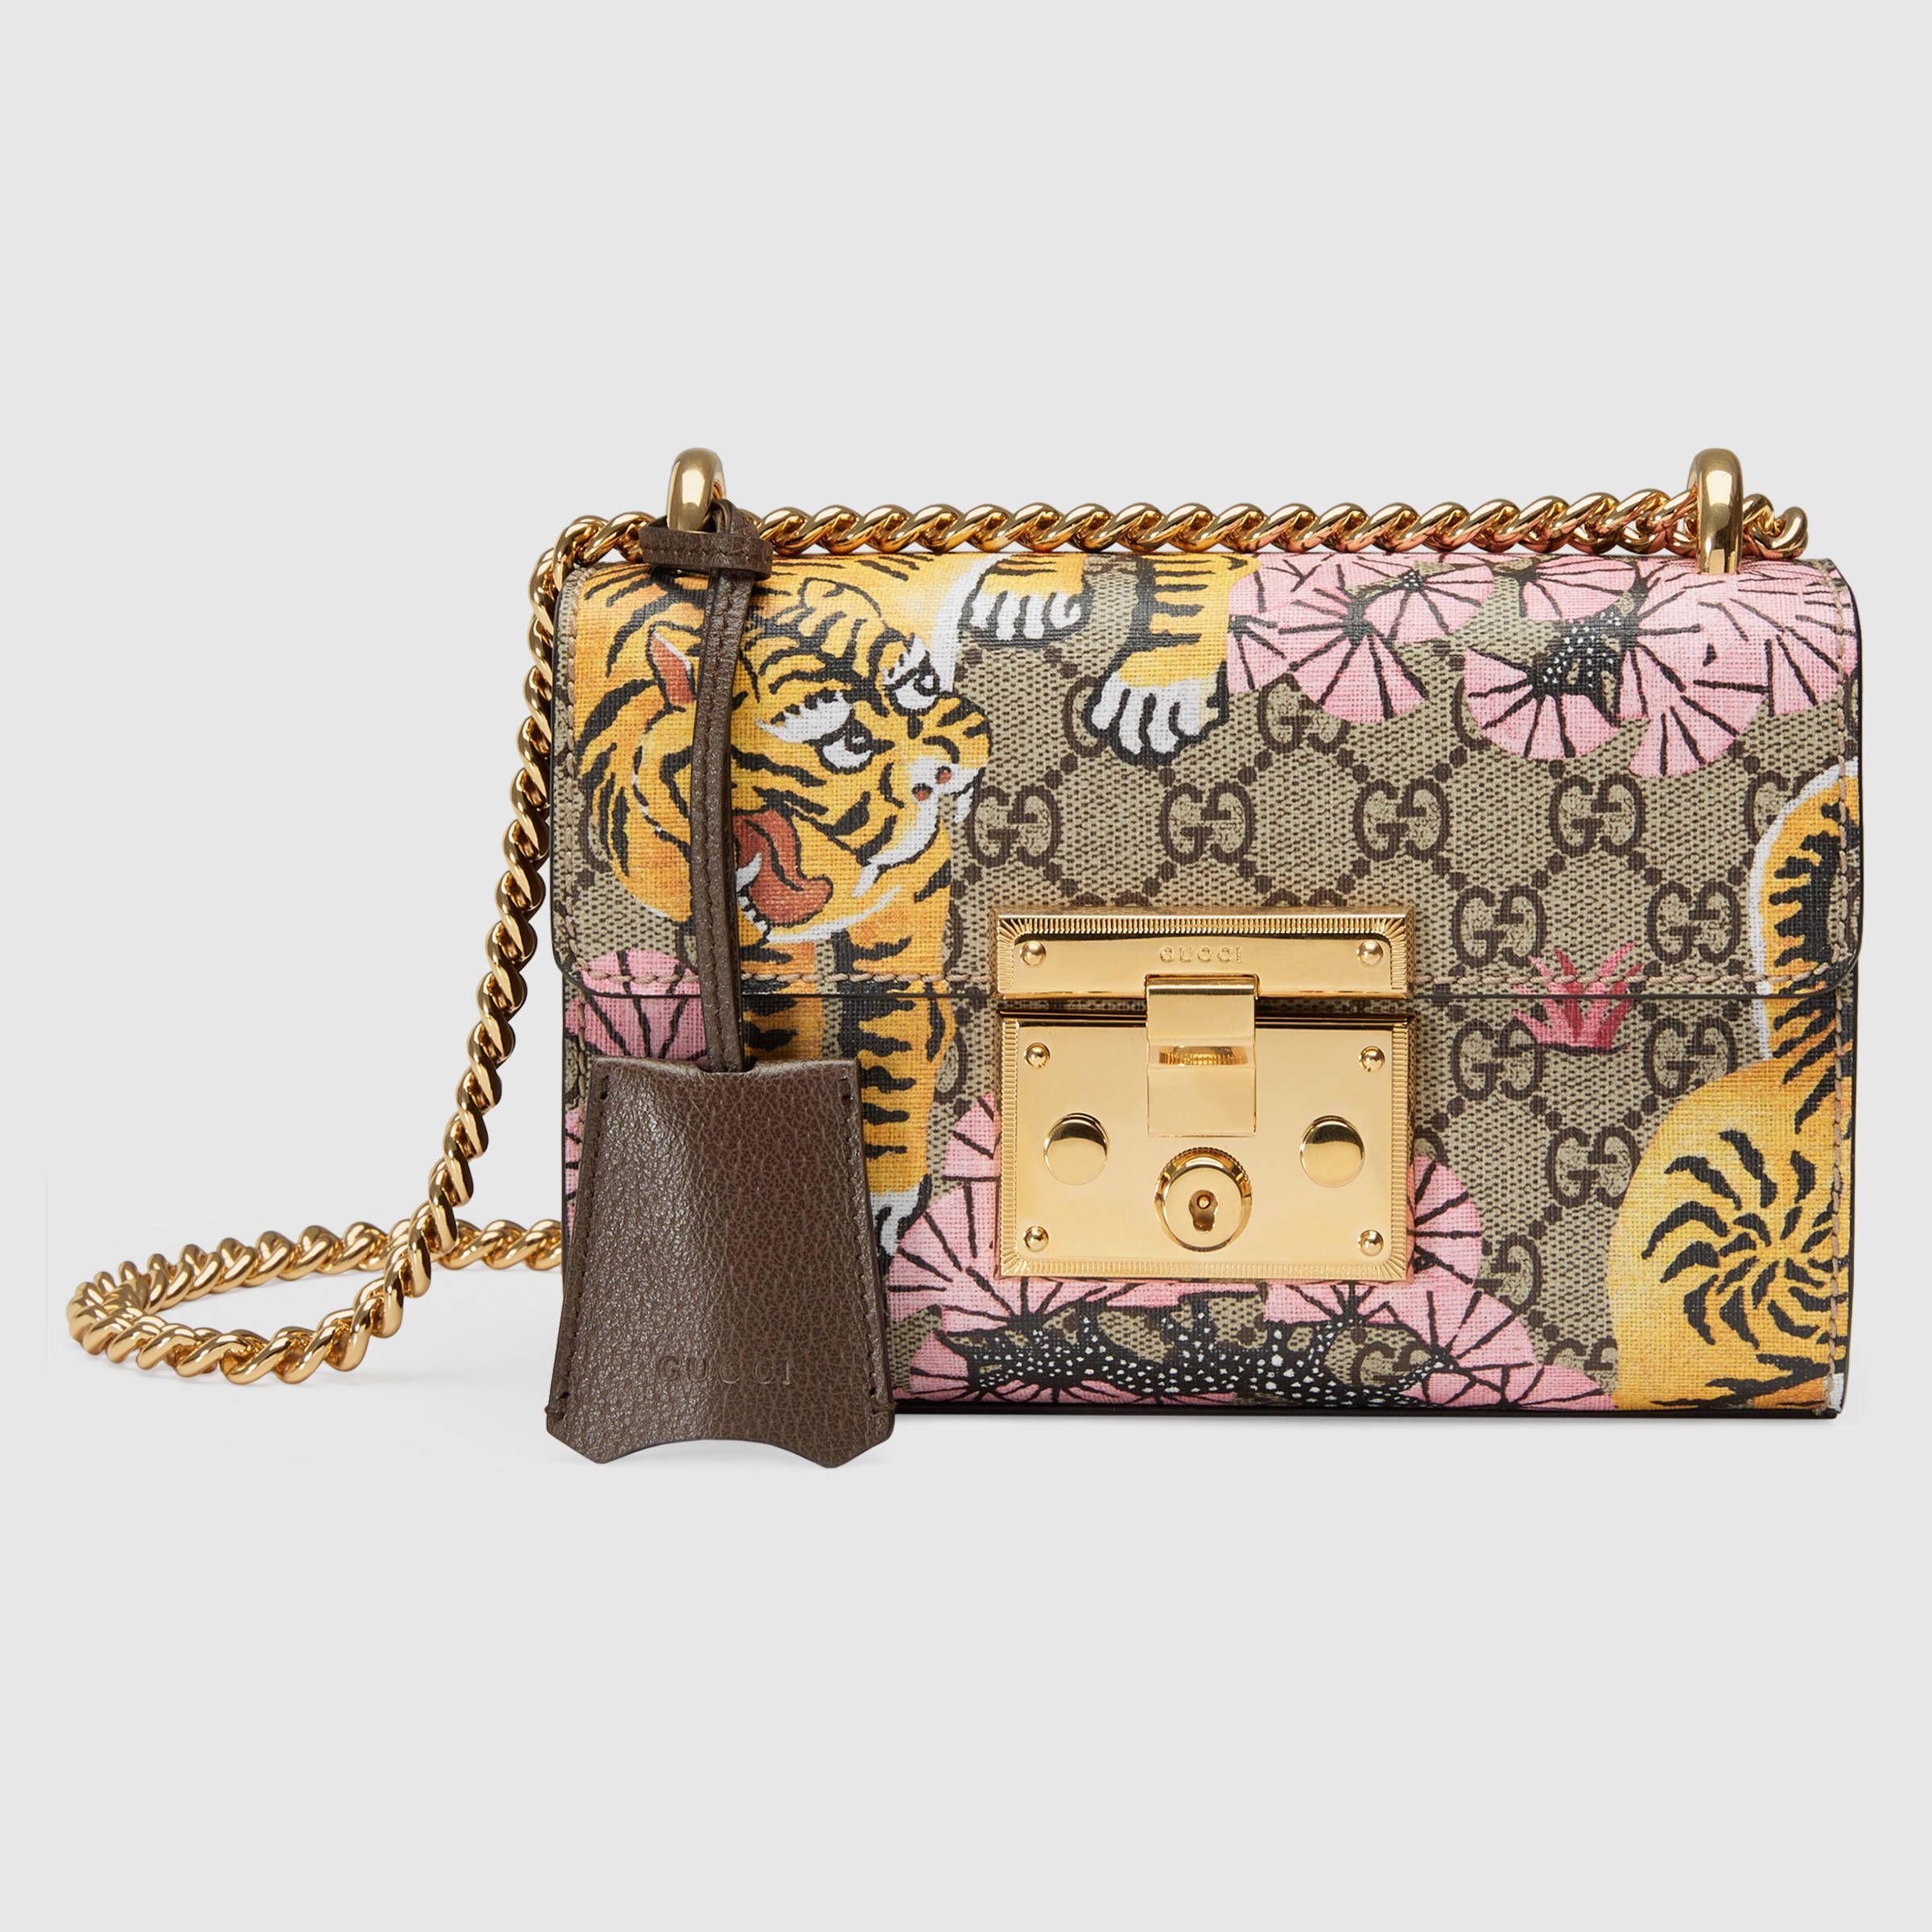 d8b87223829 Padlock Gucci Bengal shoulder bag - Gucci Women s Shoulder Bags  409487K5P3G9967